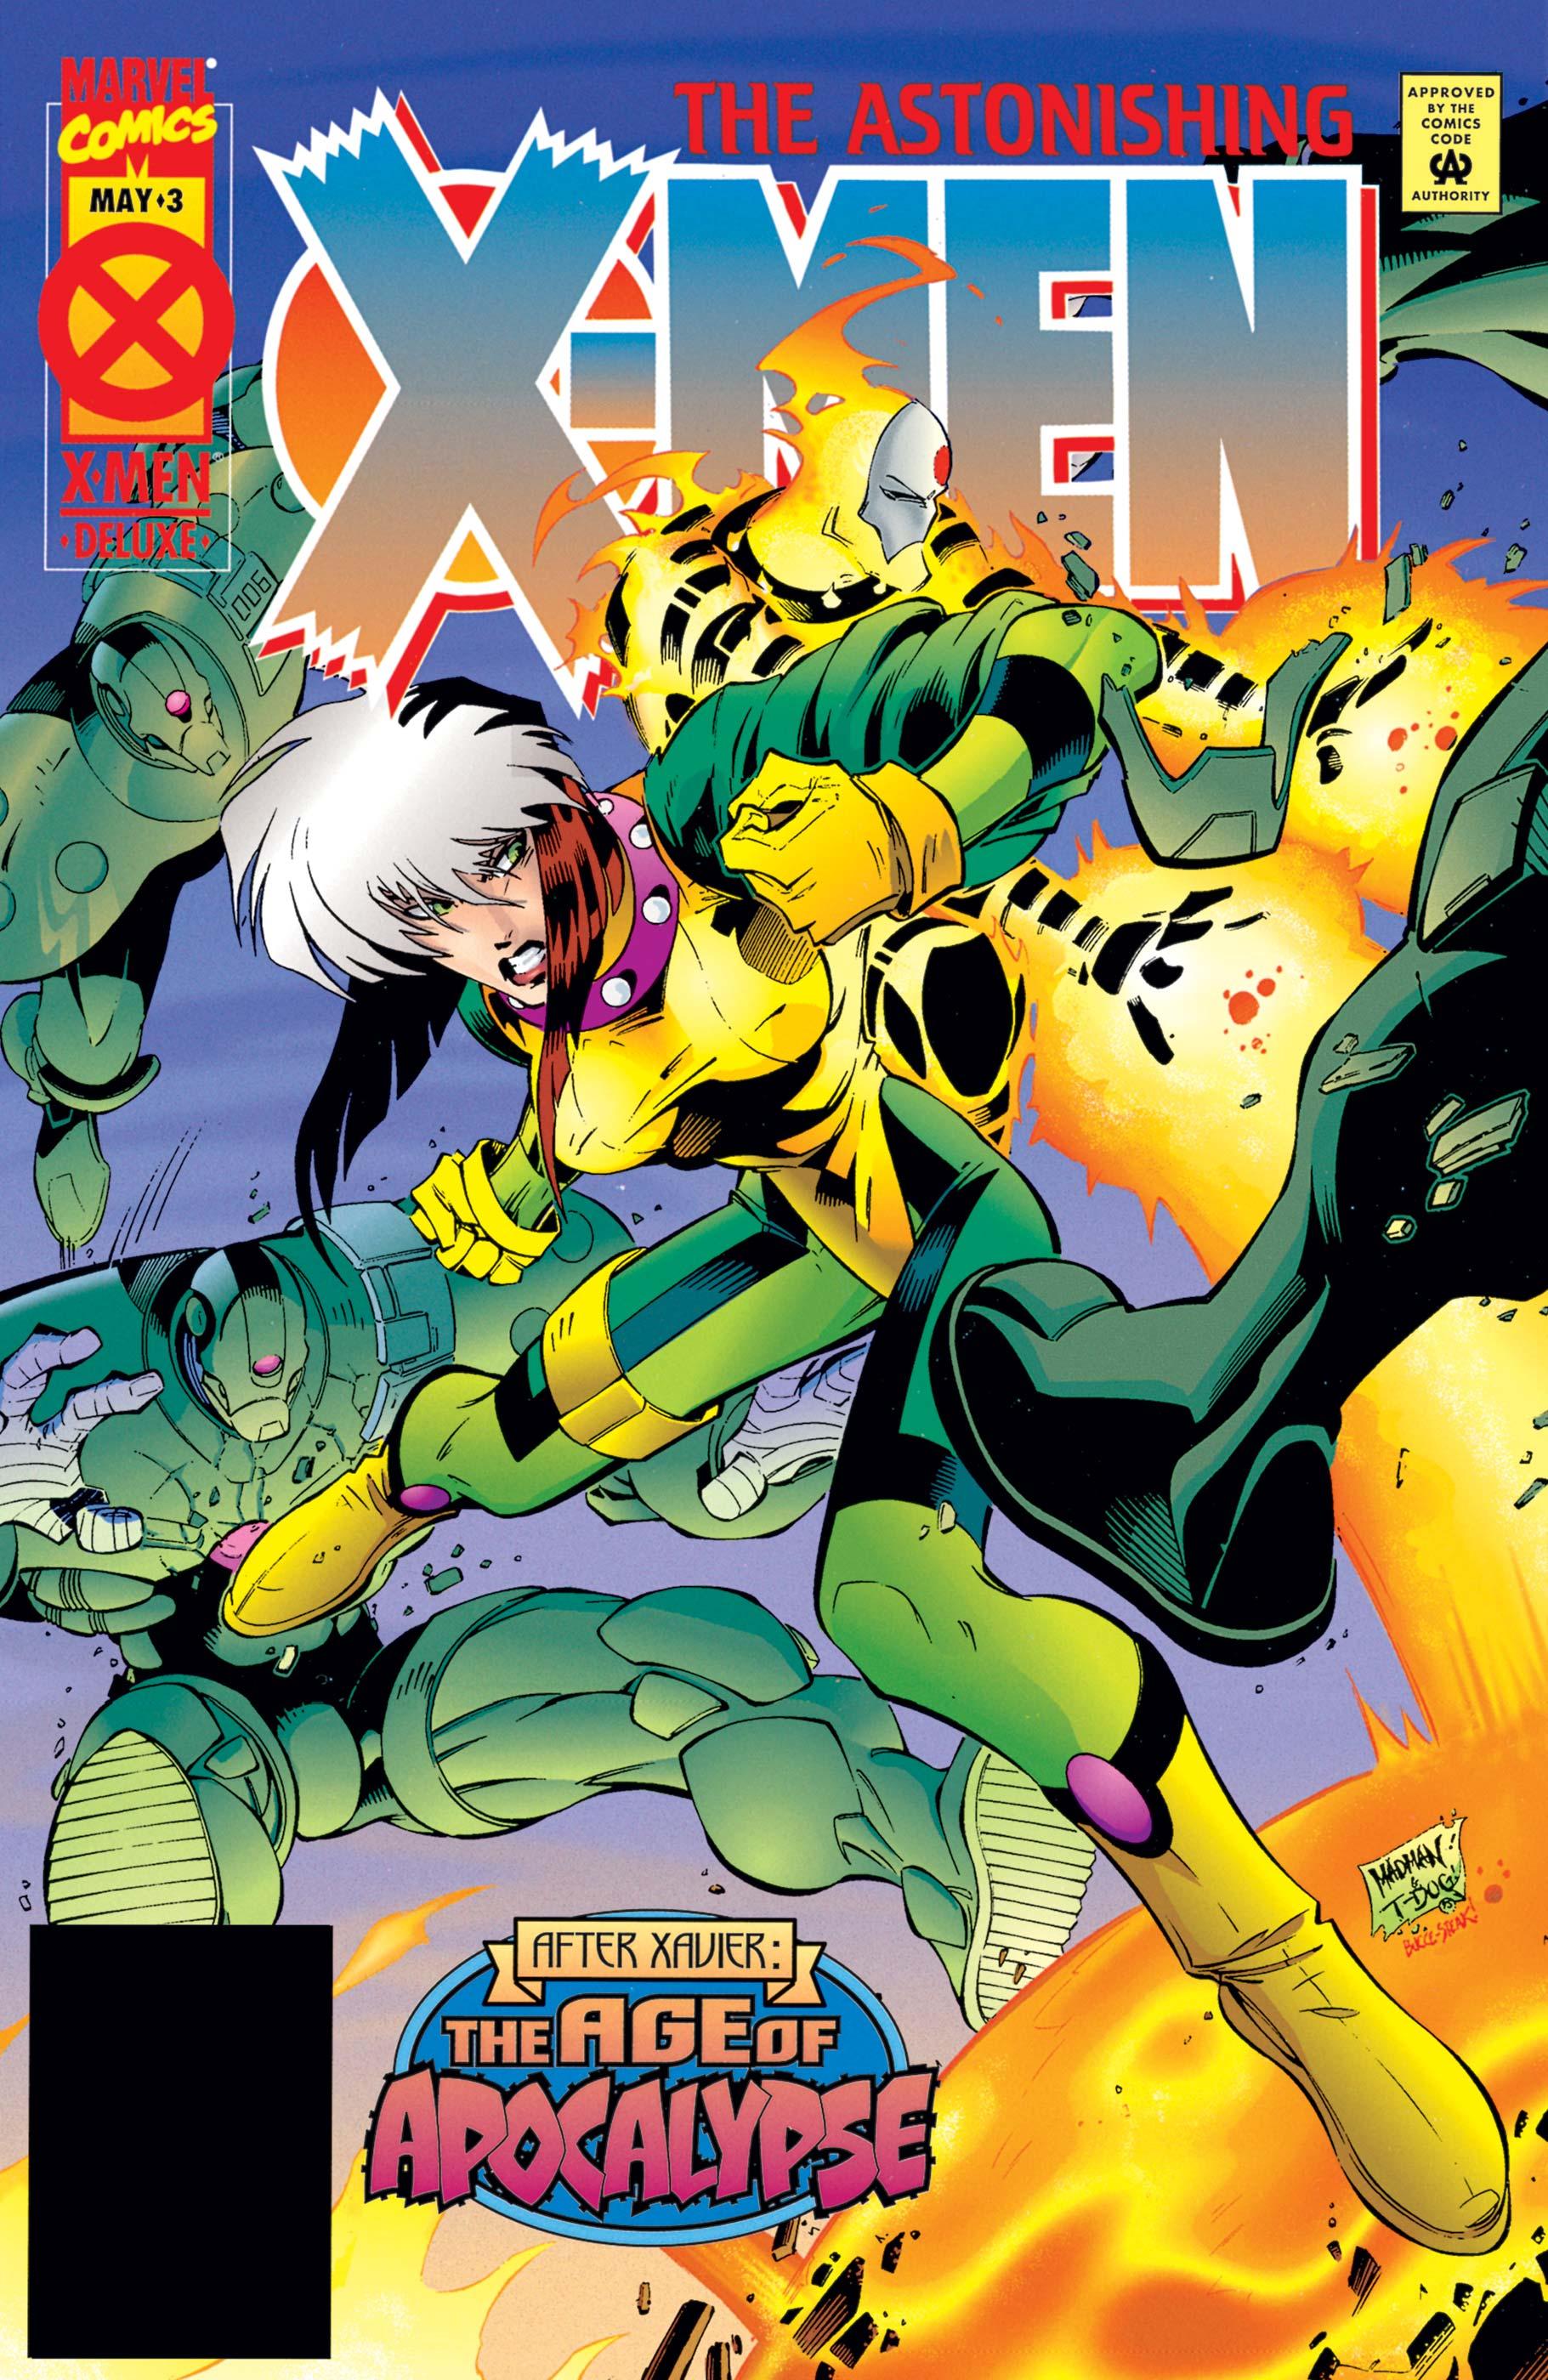 Astonishing X-Men (1995) #3